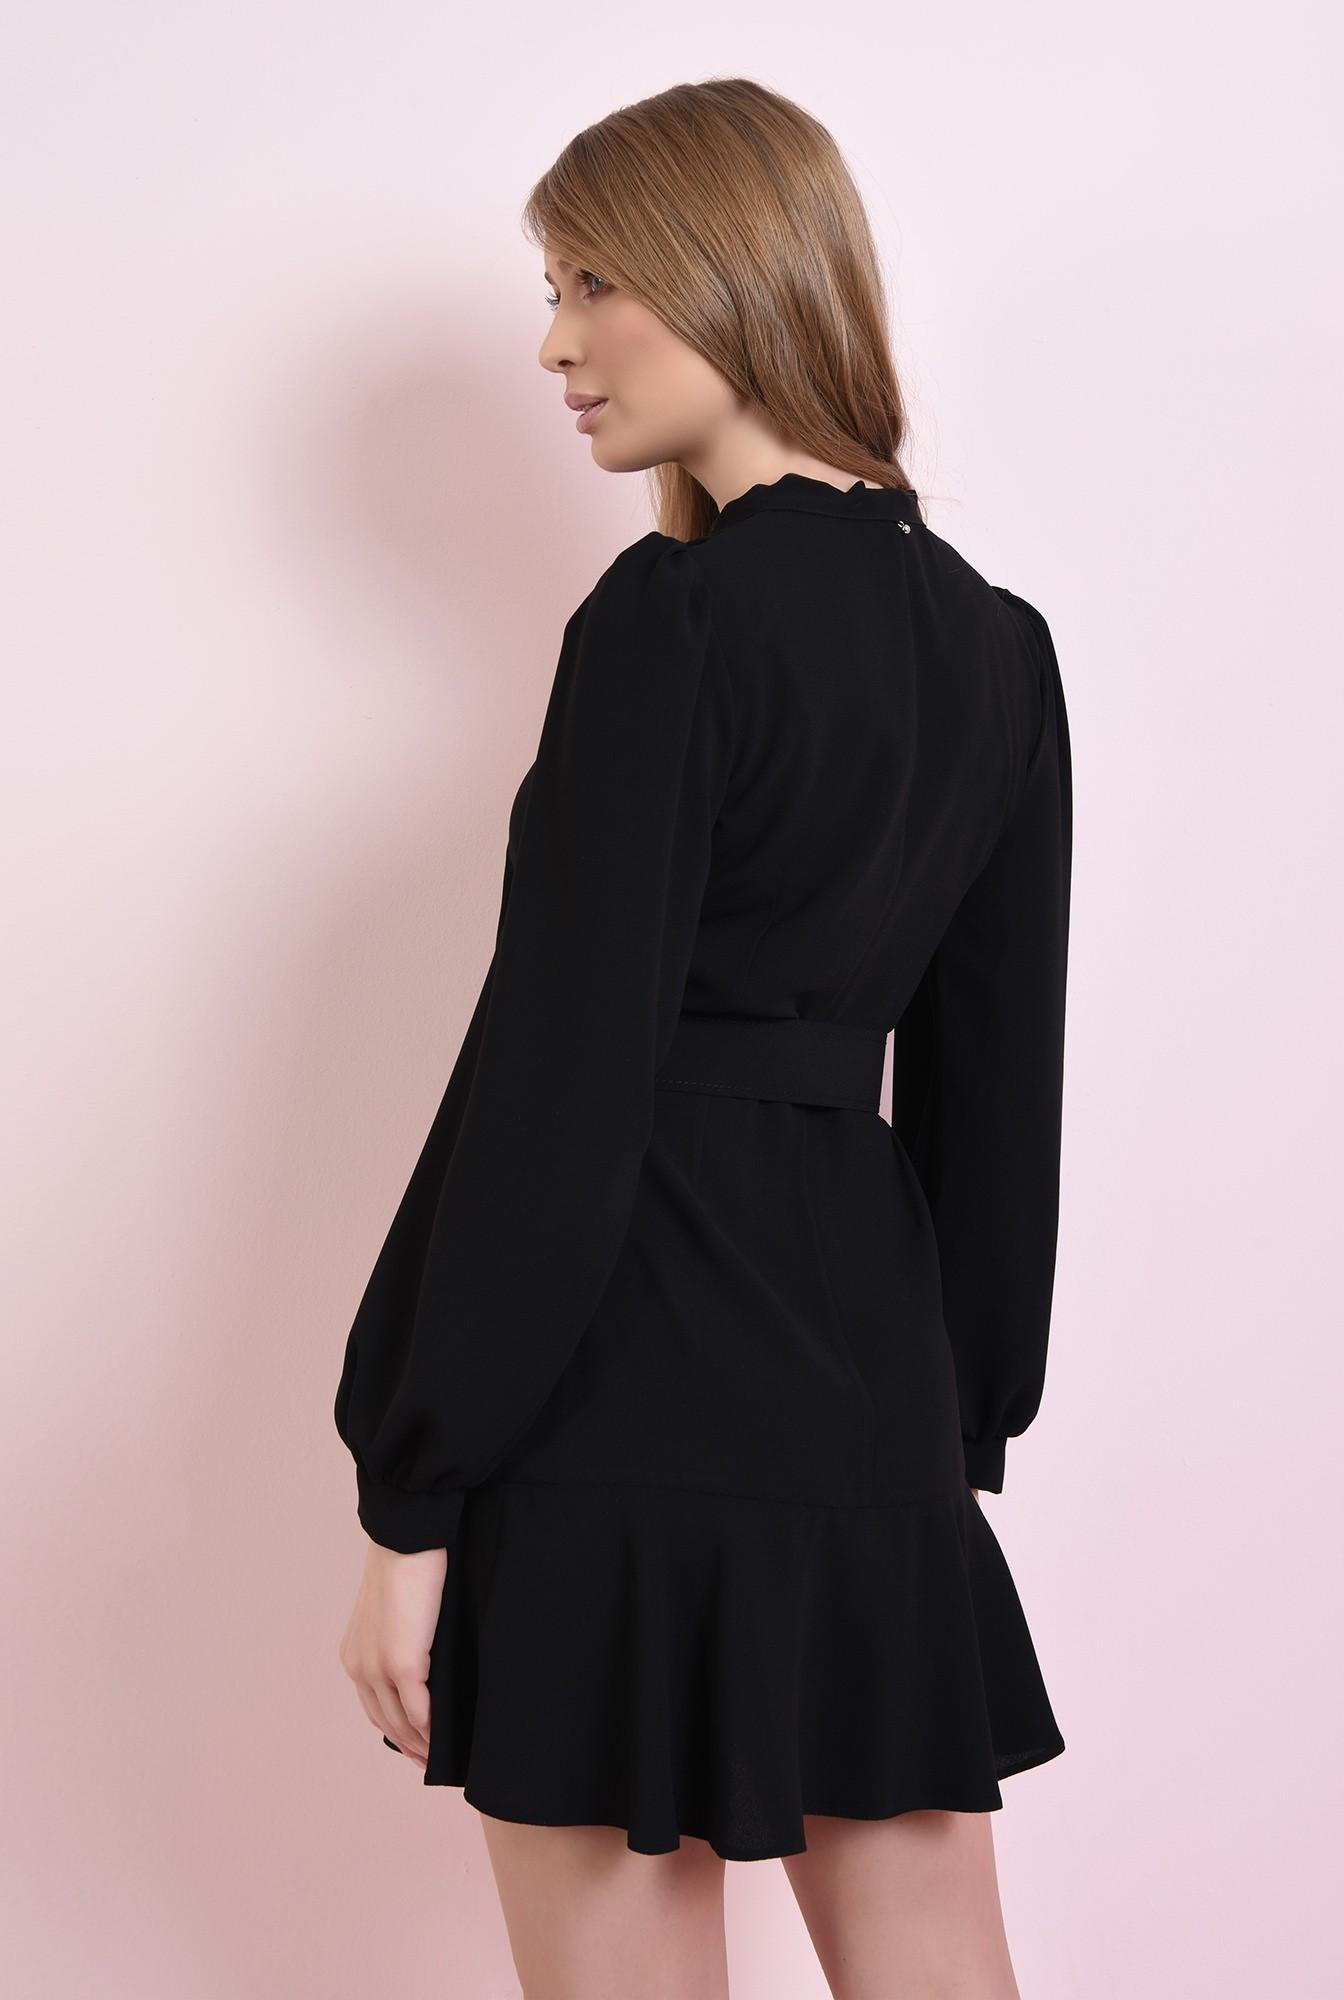 2 - rochie scurta, neagra, cu centura, cu funda